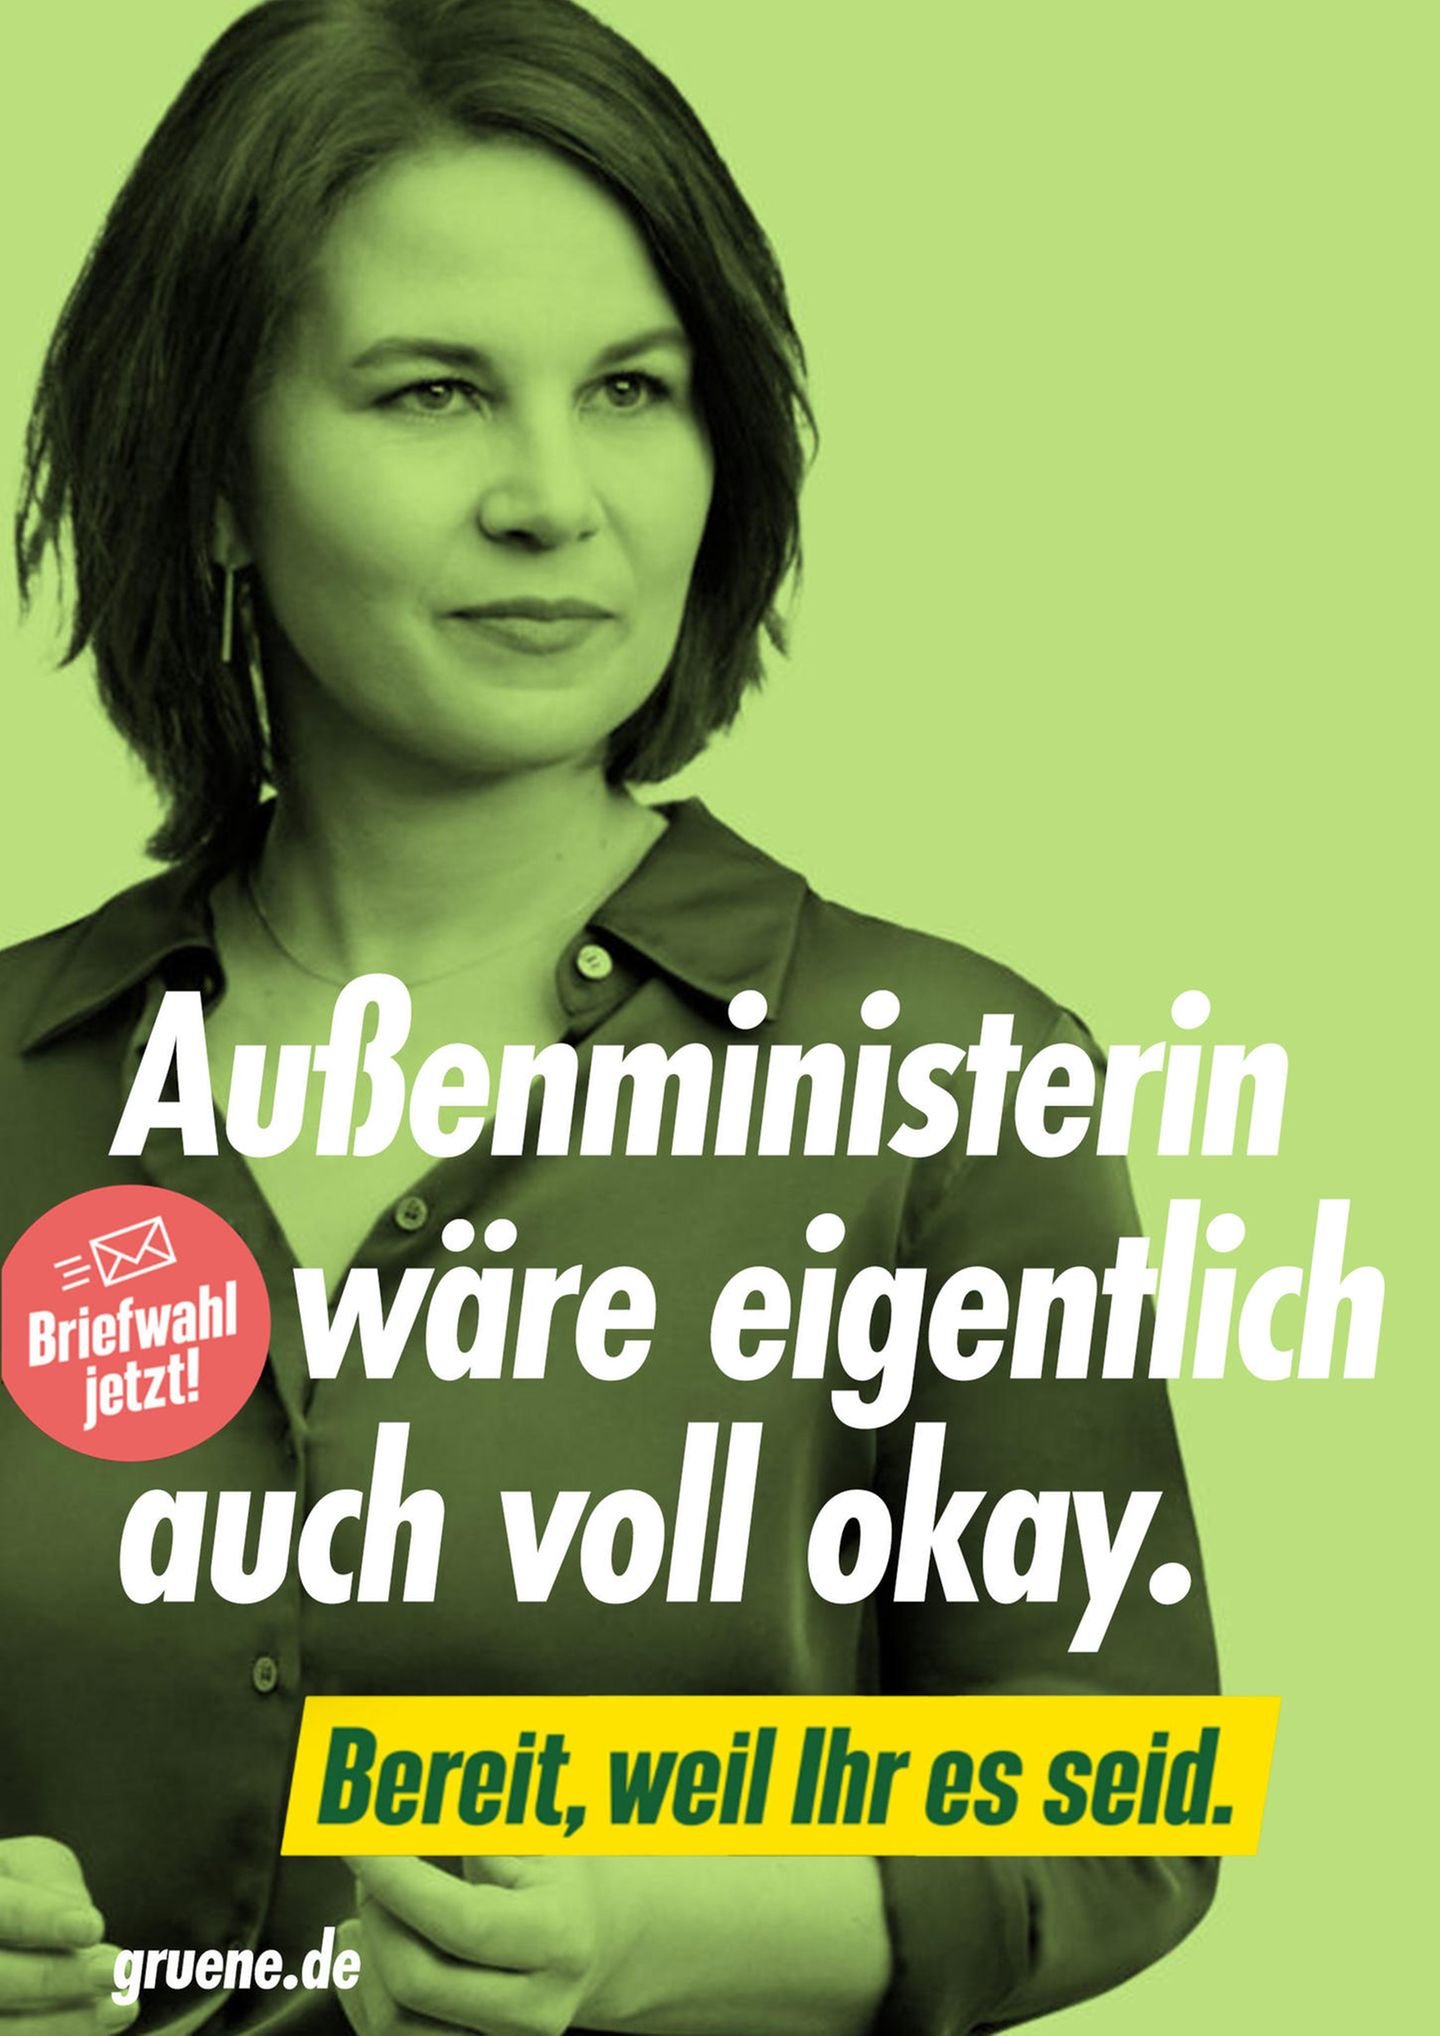 """Kreative Vorschläge: """"Außenministerin wäre eigentlich auch voll okay"""" – so könnten ehrliche Wahlslogans lauten"""